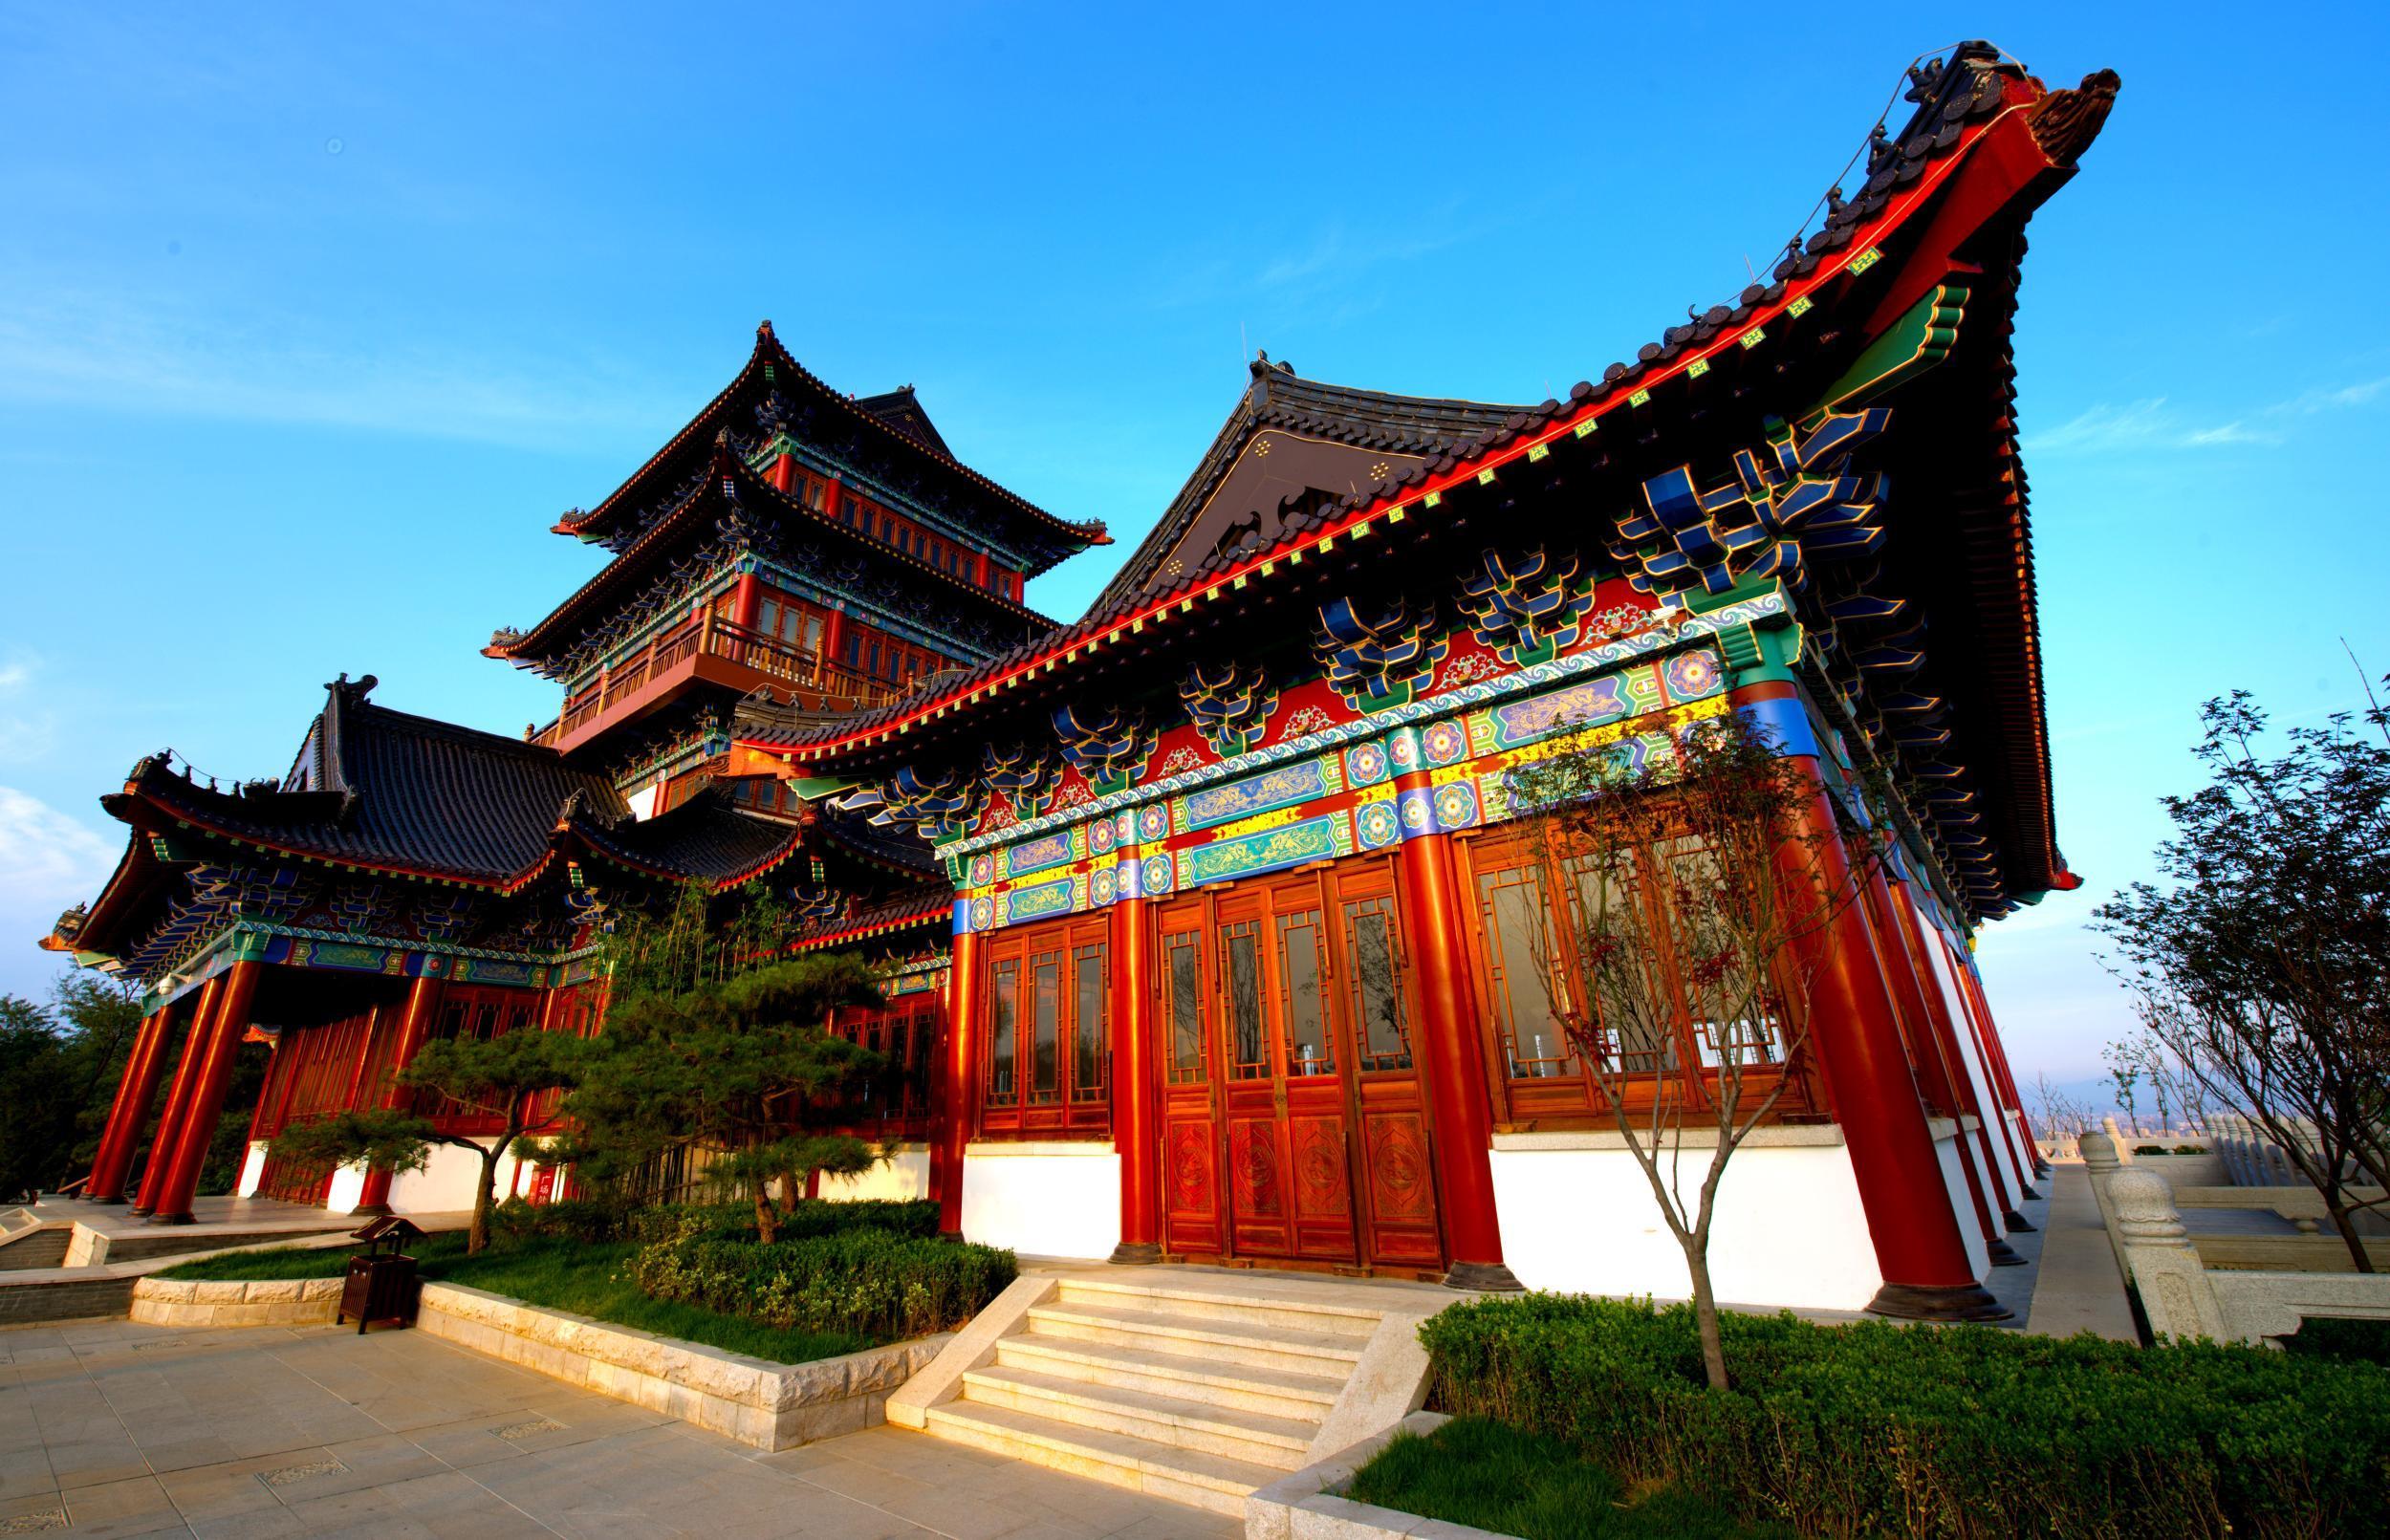 凤凰阁卓立凤凰山巅,高24米,为四层仿清代古建楼阁,飞檐斗拱,状如笔架